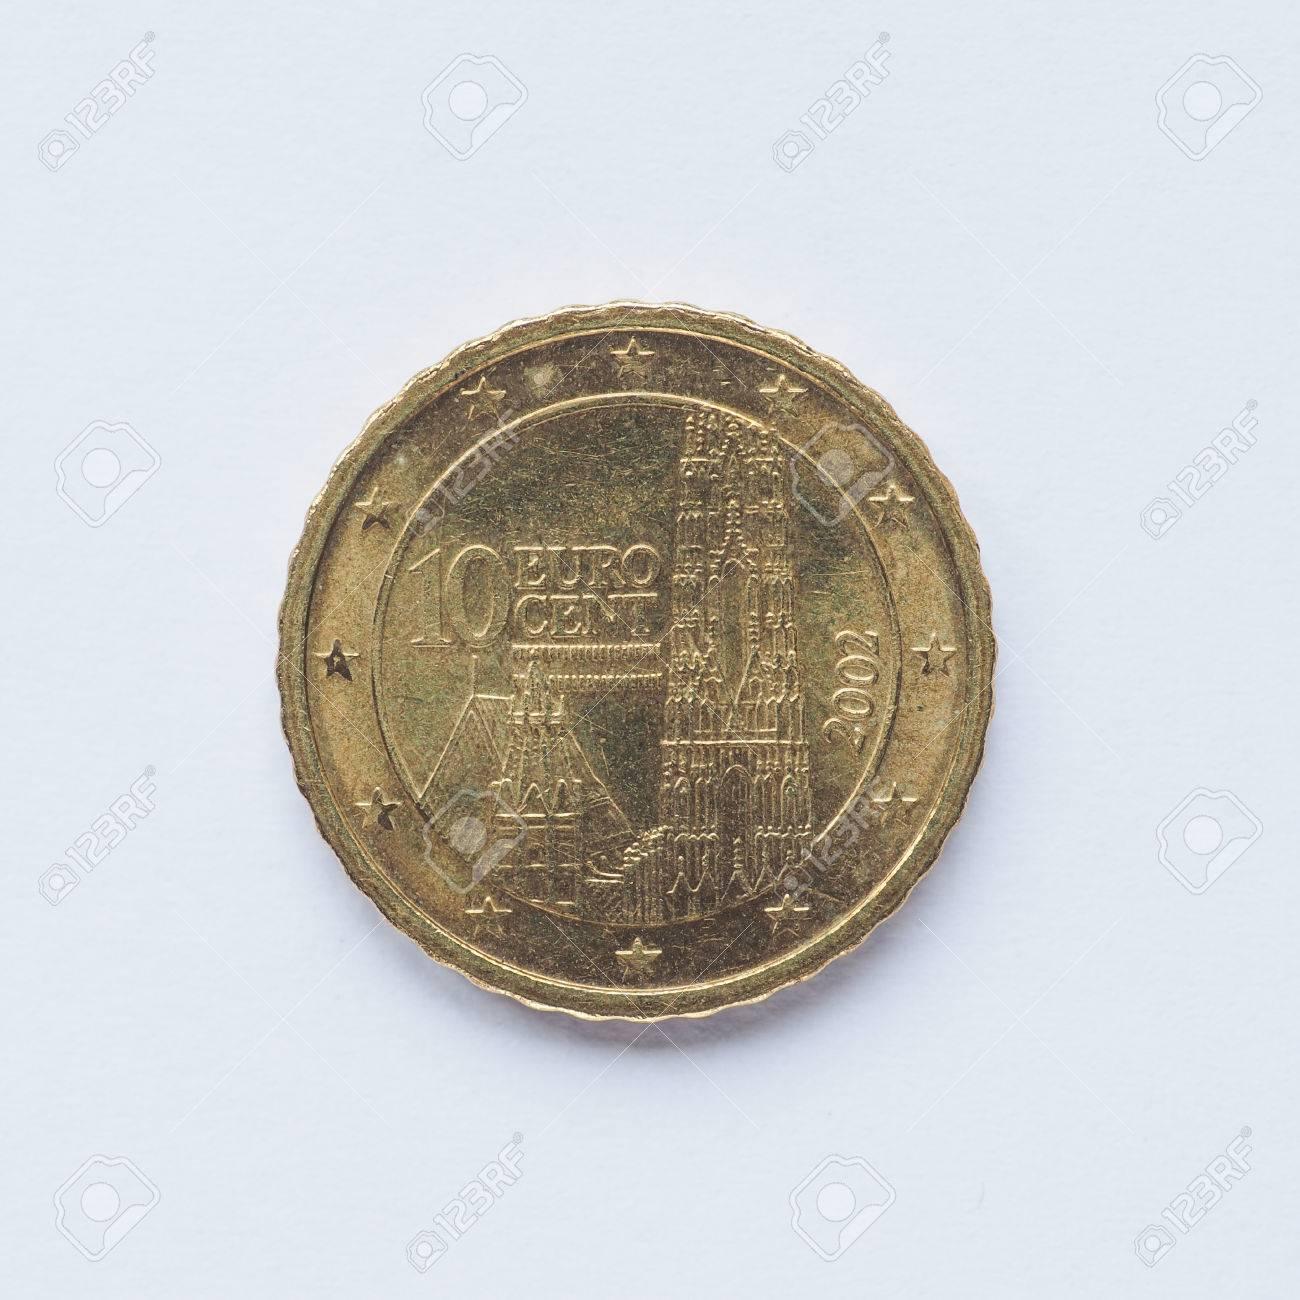 Währung Europas 10 Cent Münze Aus österreich Lizenzfreie Fotos